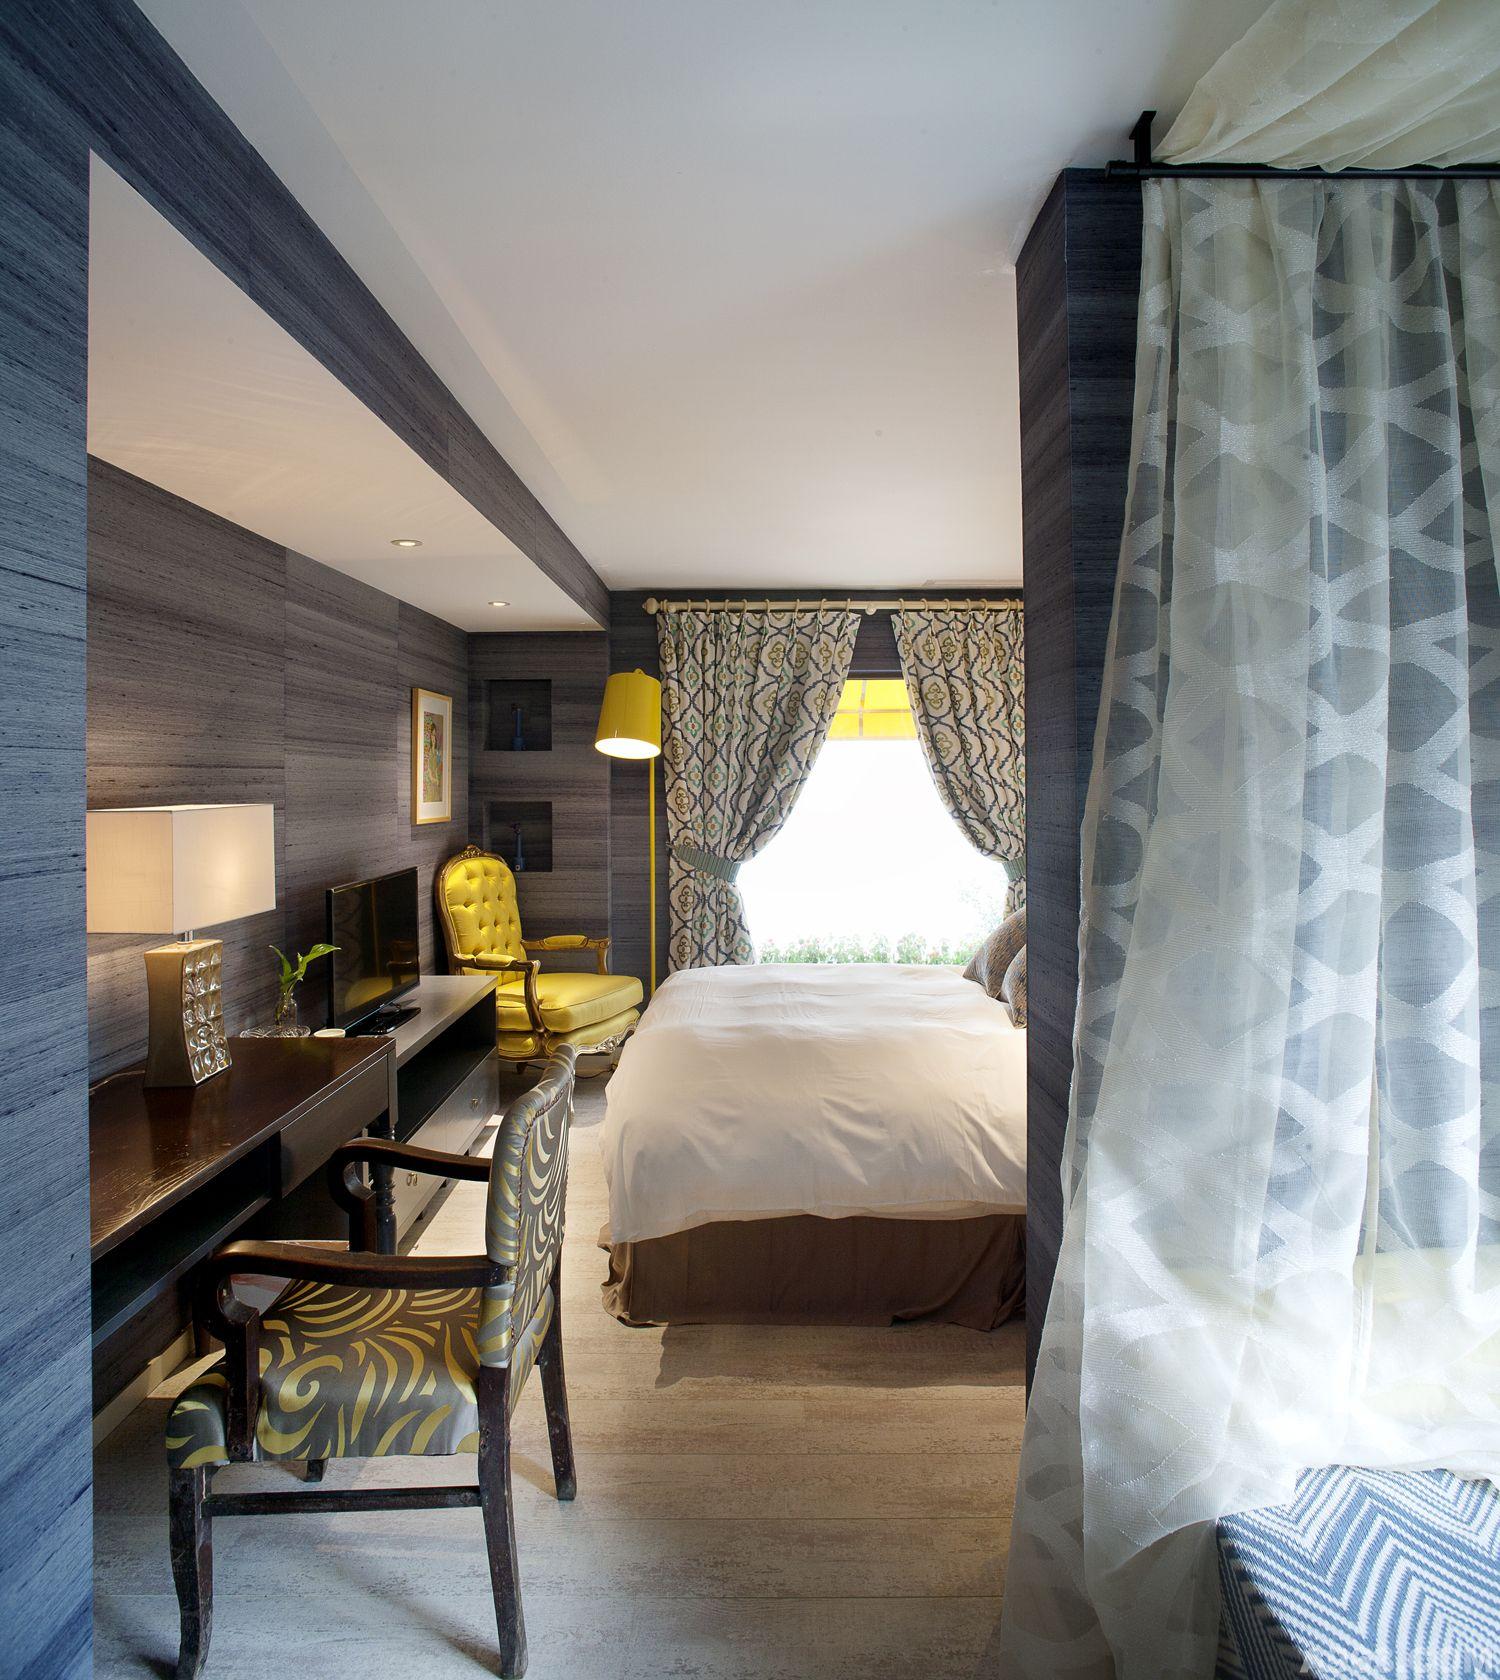 麦芽庭艺术酒店 - 酒店设计 - 杭州室内设计网_杭州_.